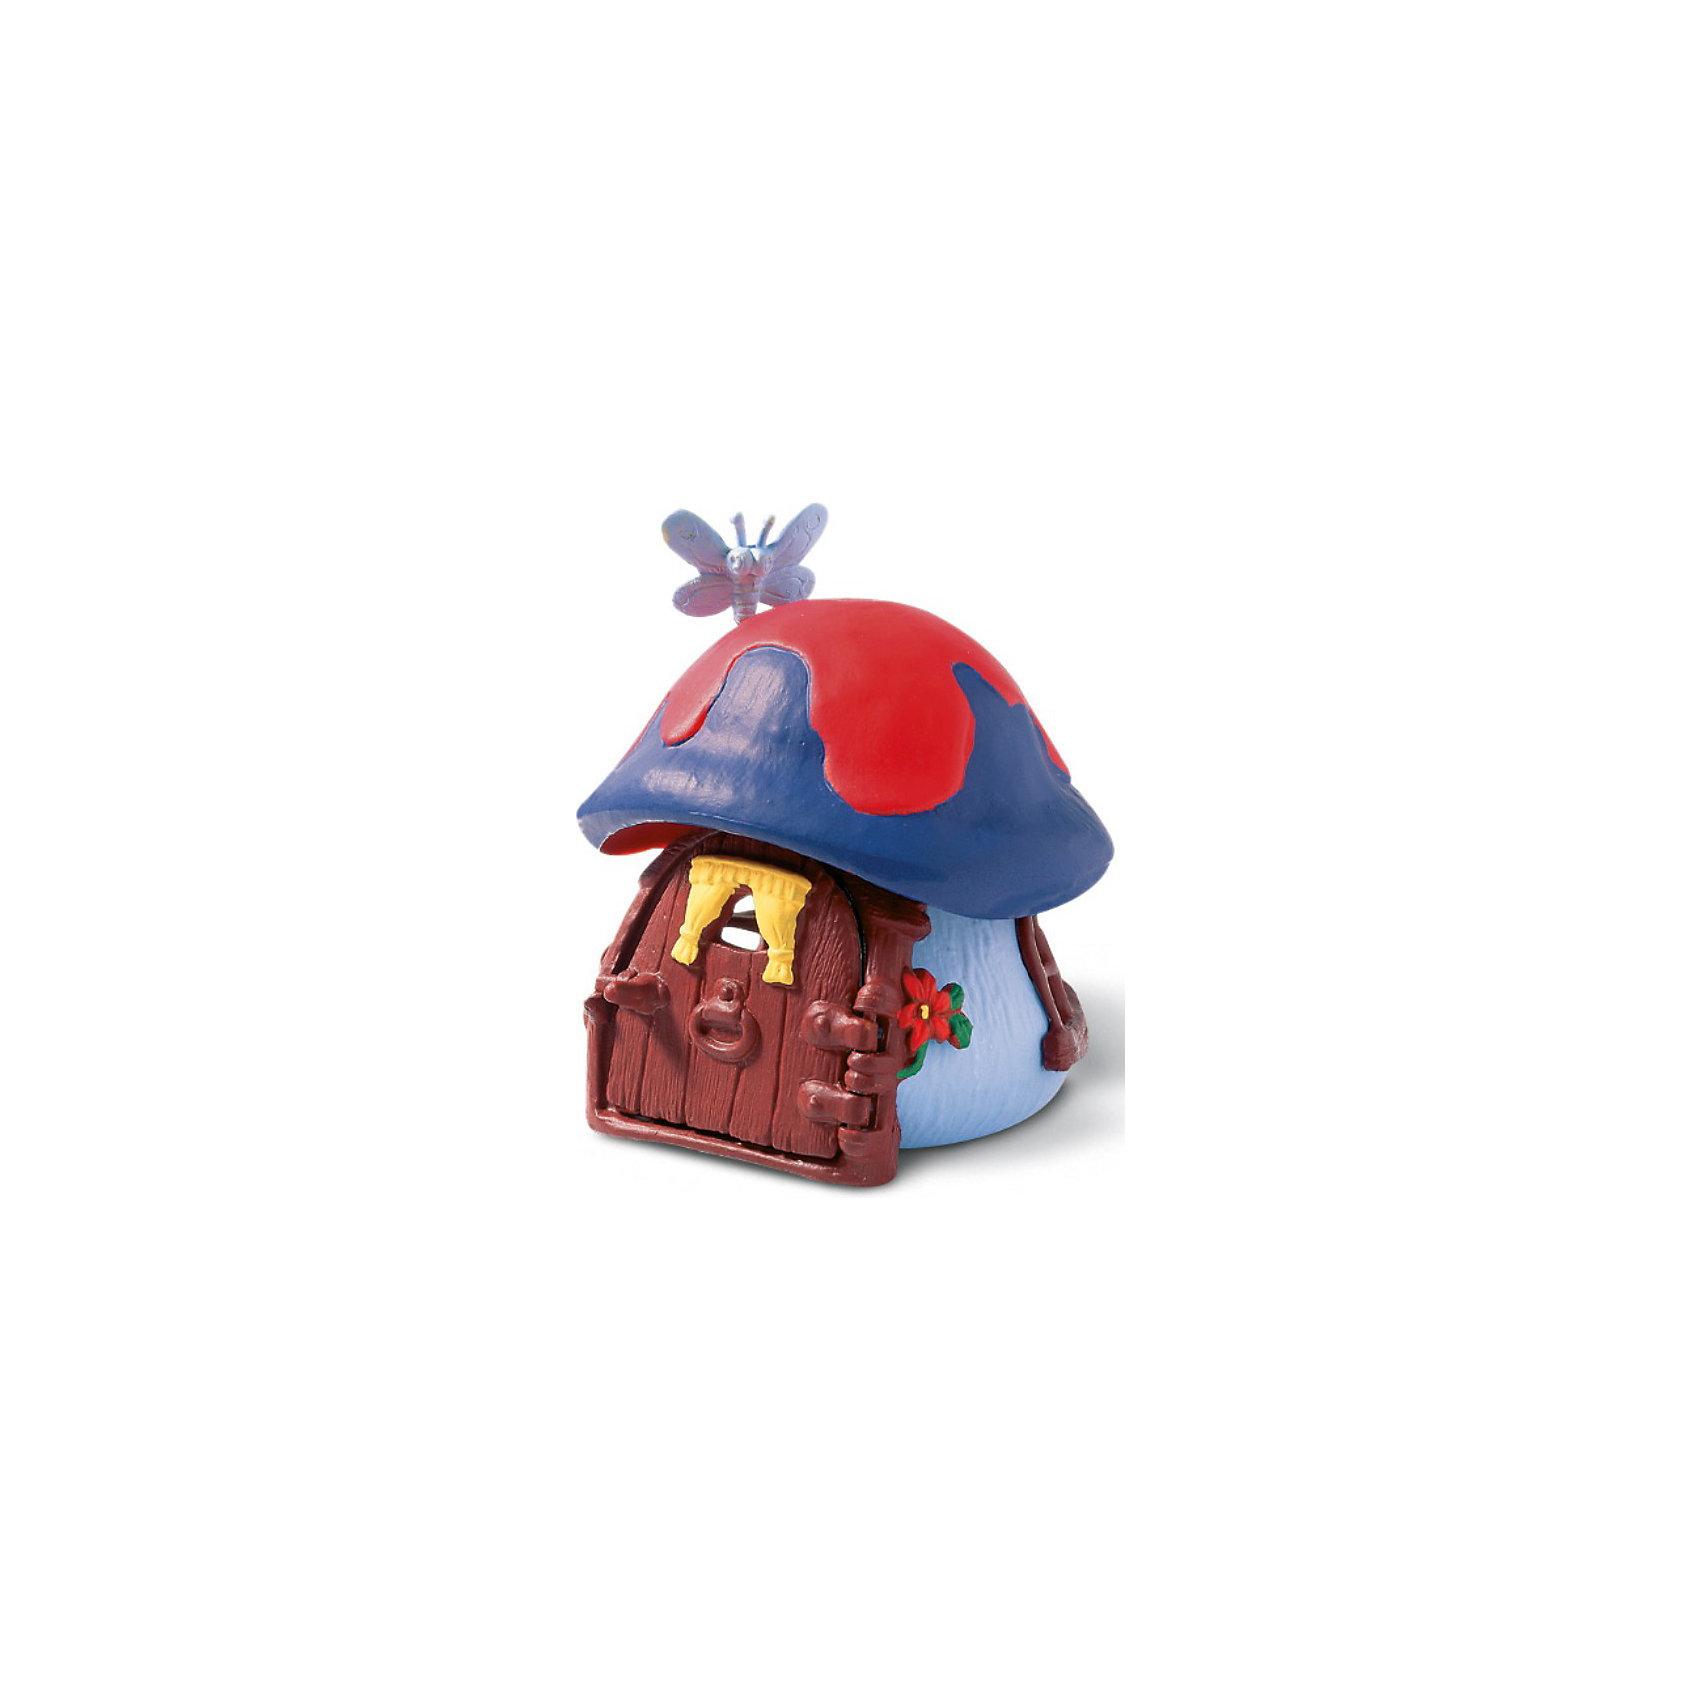 Schleich Маленький синий домик СмурфикаSchleich Маленький синий домик Смурфика<br><br>Характеристики:<br><br>• Размер: 9,2 x 9,9 x 11,5 см<br>• Цвет: синий<br>• Материал: пластмасса (ПВХ)<br>• Возраст: от 3 до 8 лет<br><br>Маленький домик Смурфика – это отличное дополнение в коллекцию. Качественный домик сделан из безопасных и надежных материалов. Красочный и яркий домик с открывающейся дверцей и небольшим окошком, расписан вручную. Краски не тускнеют и не осыпаются. Дети будут в восторге, играя с таким домиком.<br> <br>Schleich Маленький синий домик Смурфика можно купить в нашем интернет-магазине.<br><br>Ширина мм: 125<br>Глубина мм: 126<br>Высота мм: 124<br>Вес г: 213<br>Возраст от месяцев: 36<br>Возраст до месяцев: 96<br>Пол: Унисекс<br>Возраст: Детский<br>SKU: 1600017